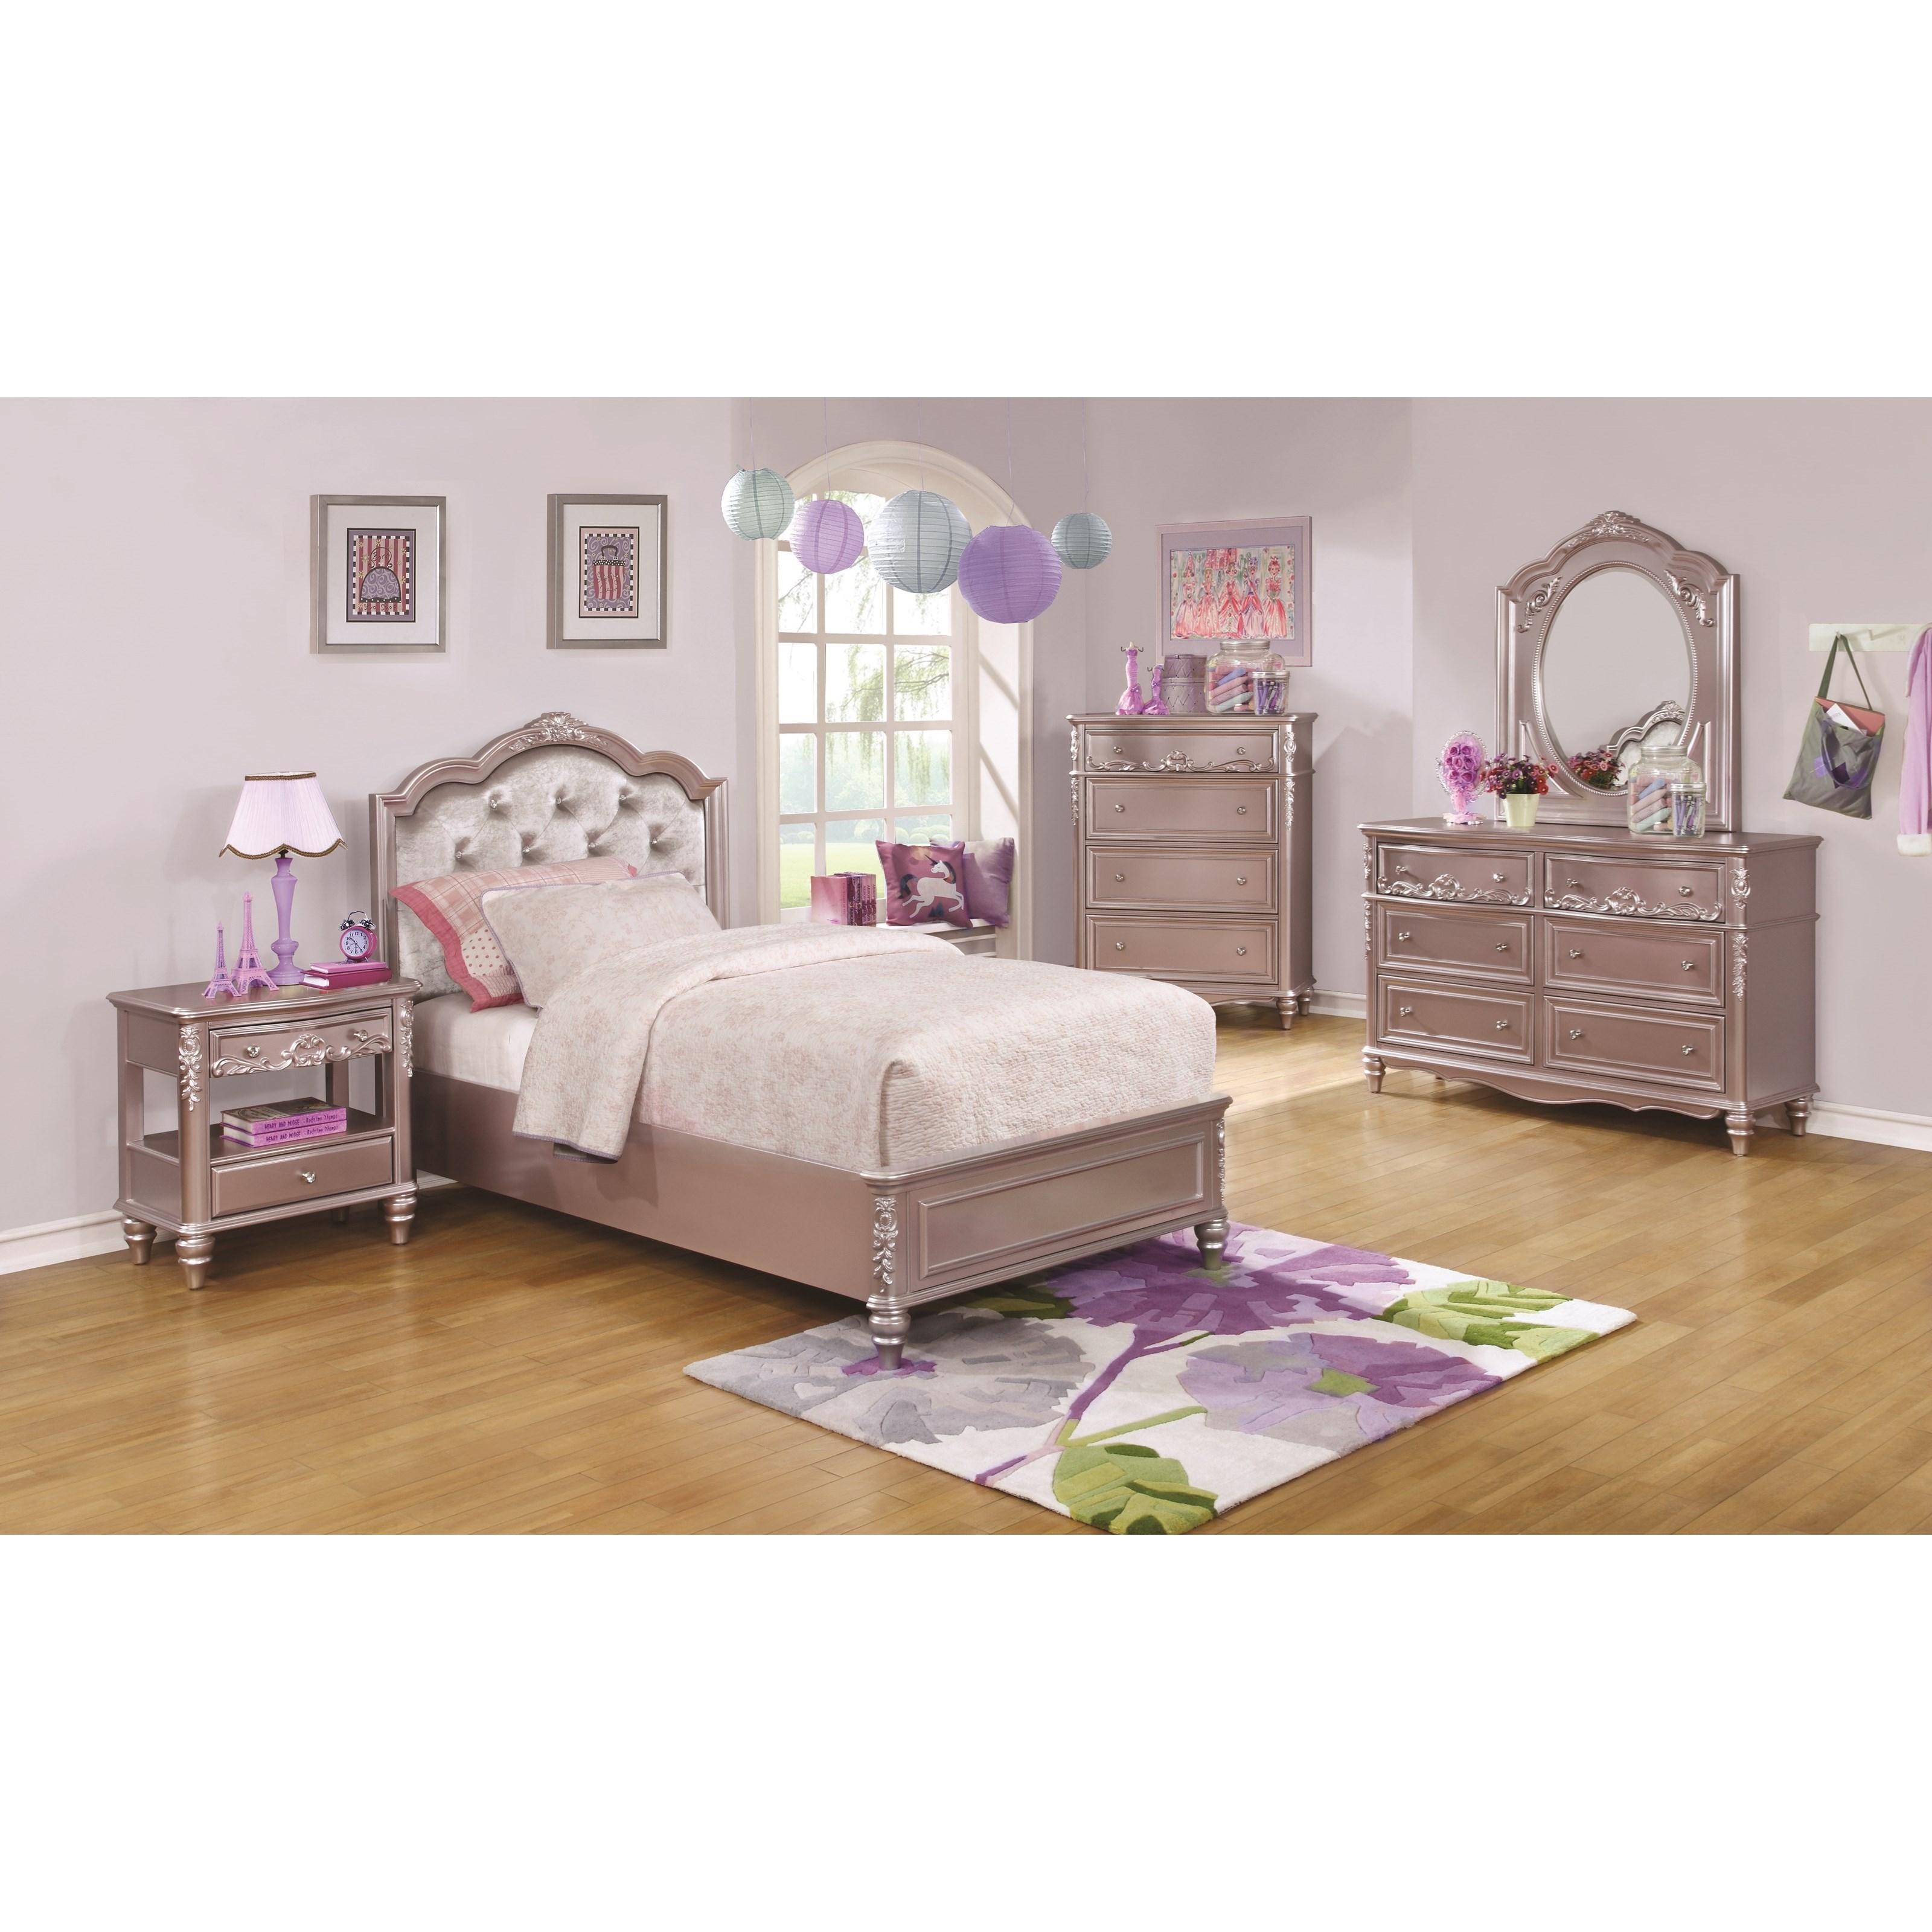 Caroline Twin Size Storage Bed With Diamond Tufted